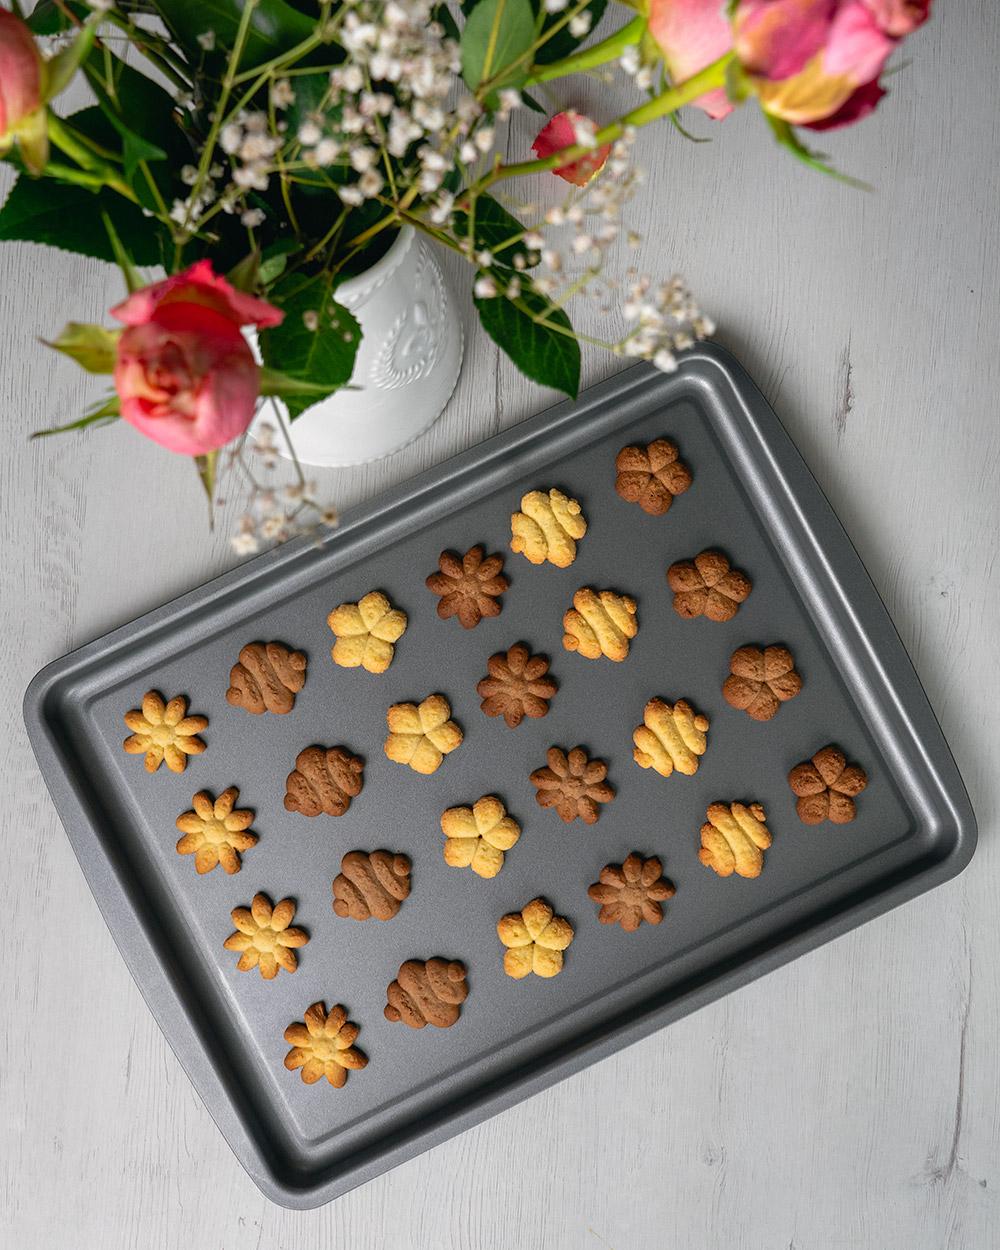 Fazer biscoitos: uma das nossas principais atividades de quarentena